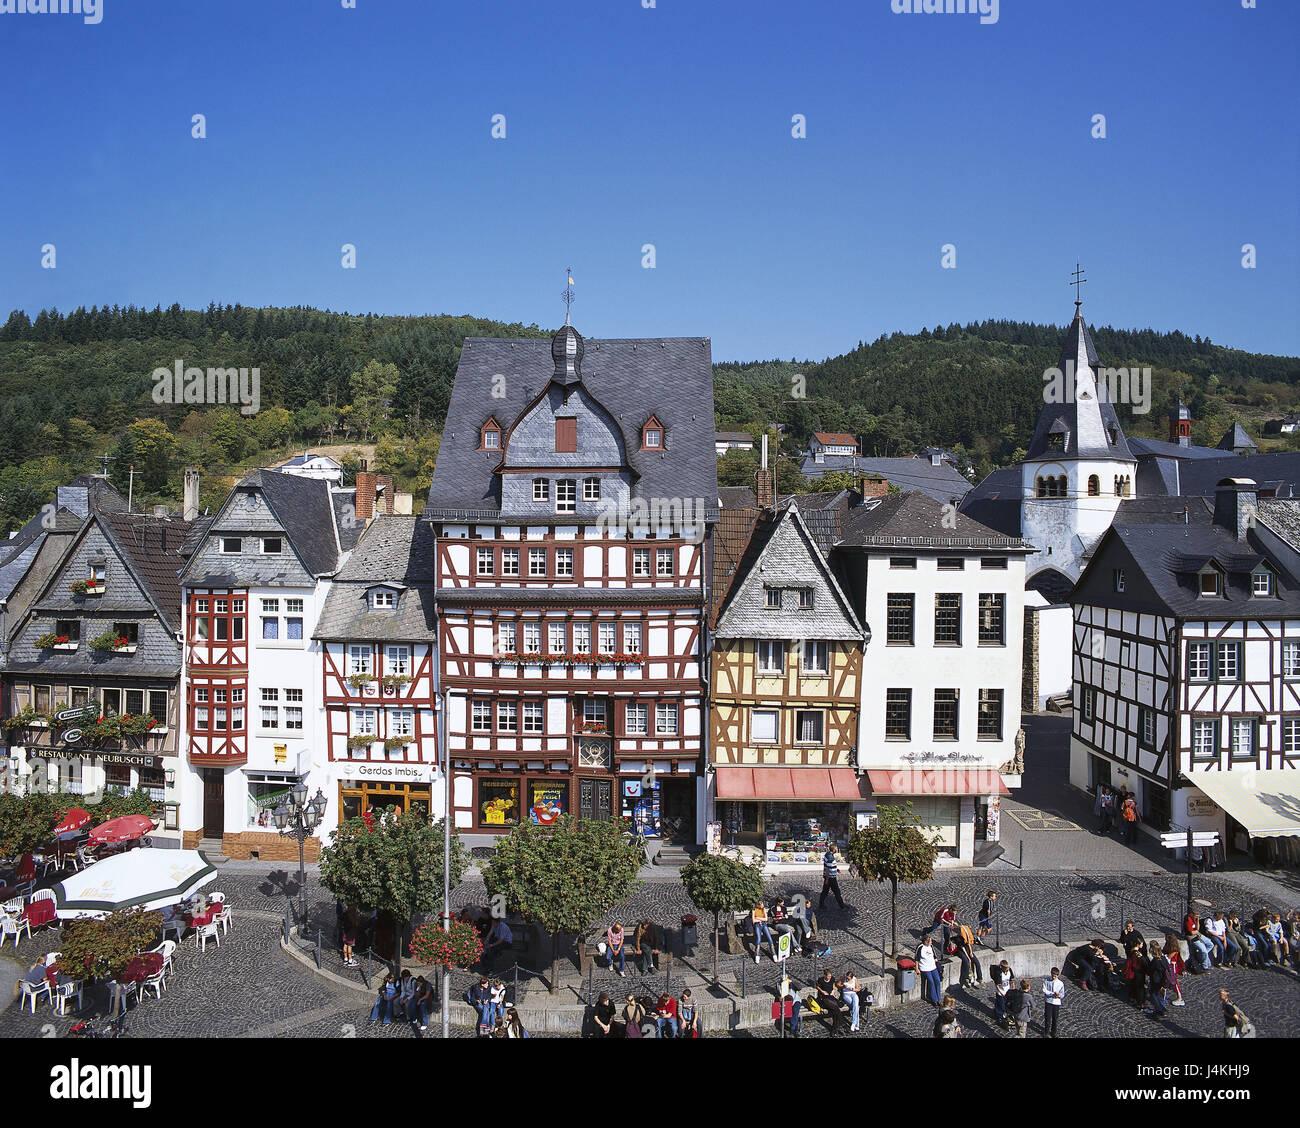 deutschland rheinland pfalz eifel adenau markt tourist von oben europa hocheifel. Black Bedroom Furniture Sets. Home Design Ideas